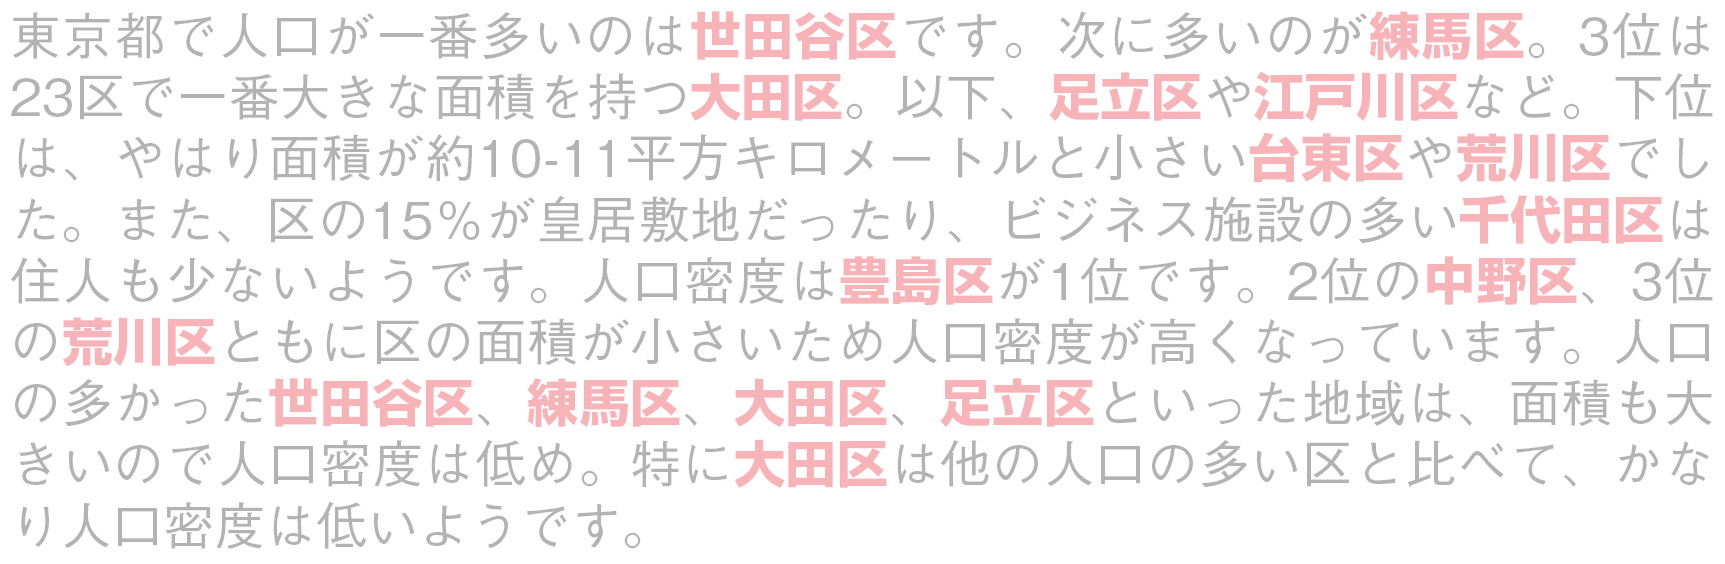 正規表現で東京23区を検索